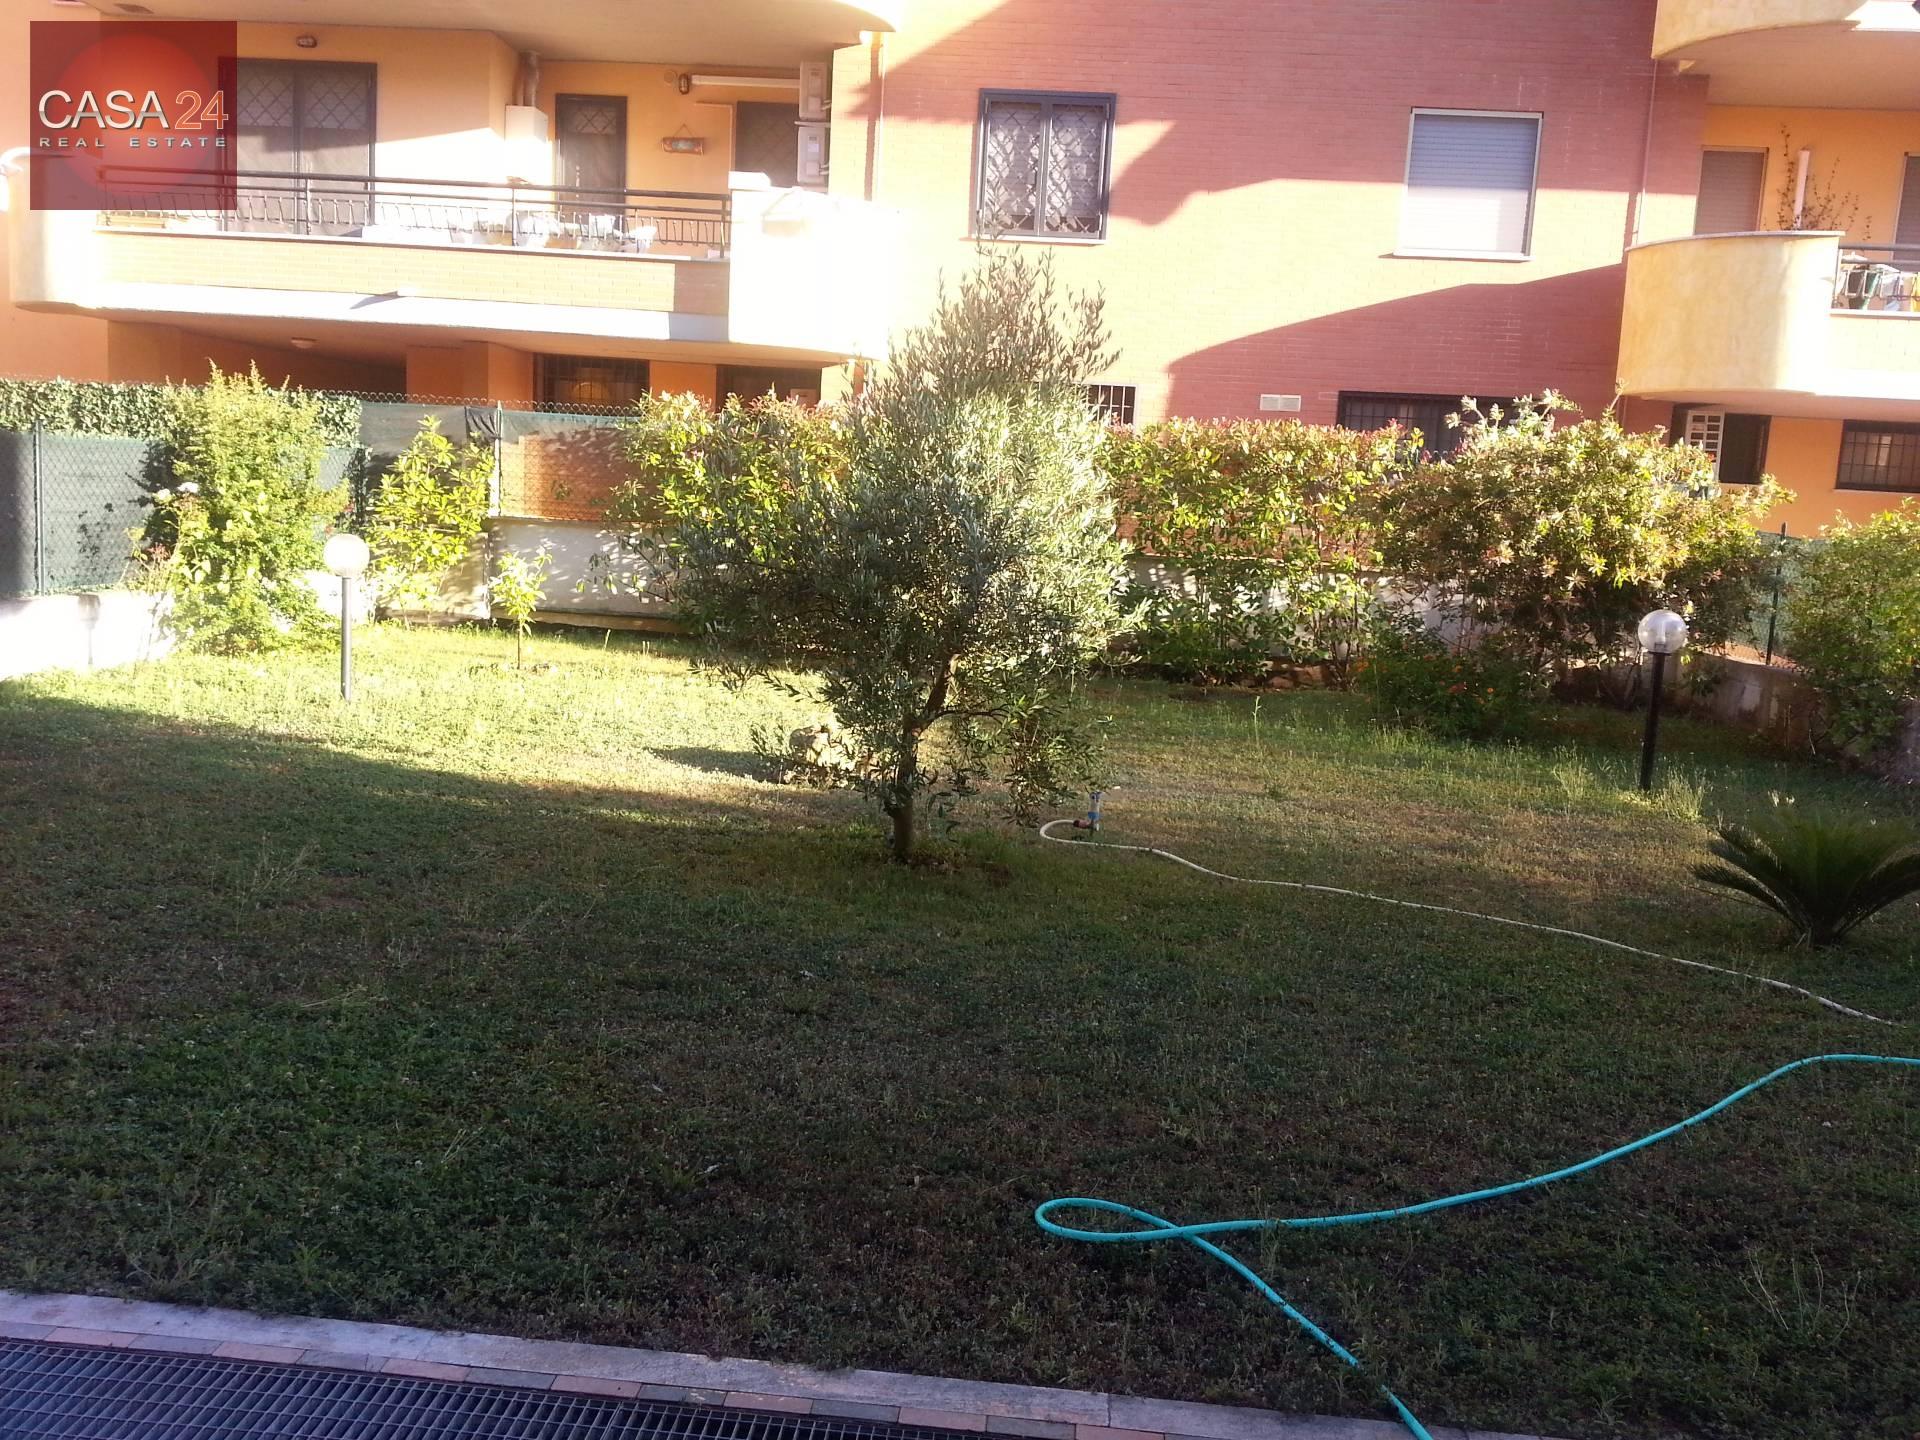 Appartamento in vendita a Latina, 3 locali, zona Località: BorgoBainsizza, prezzo € 119.000   Cambio Casa.it